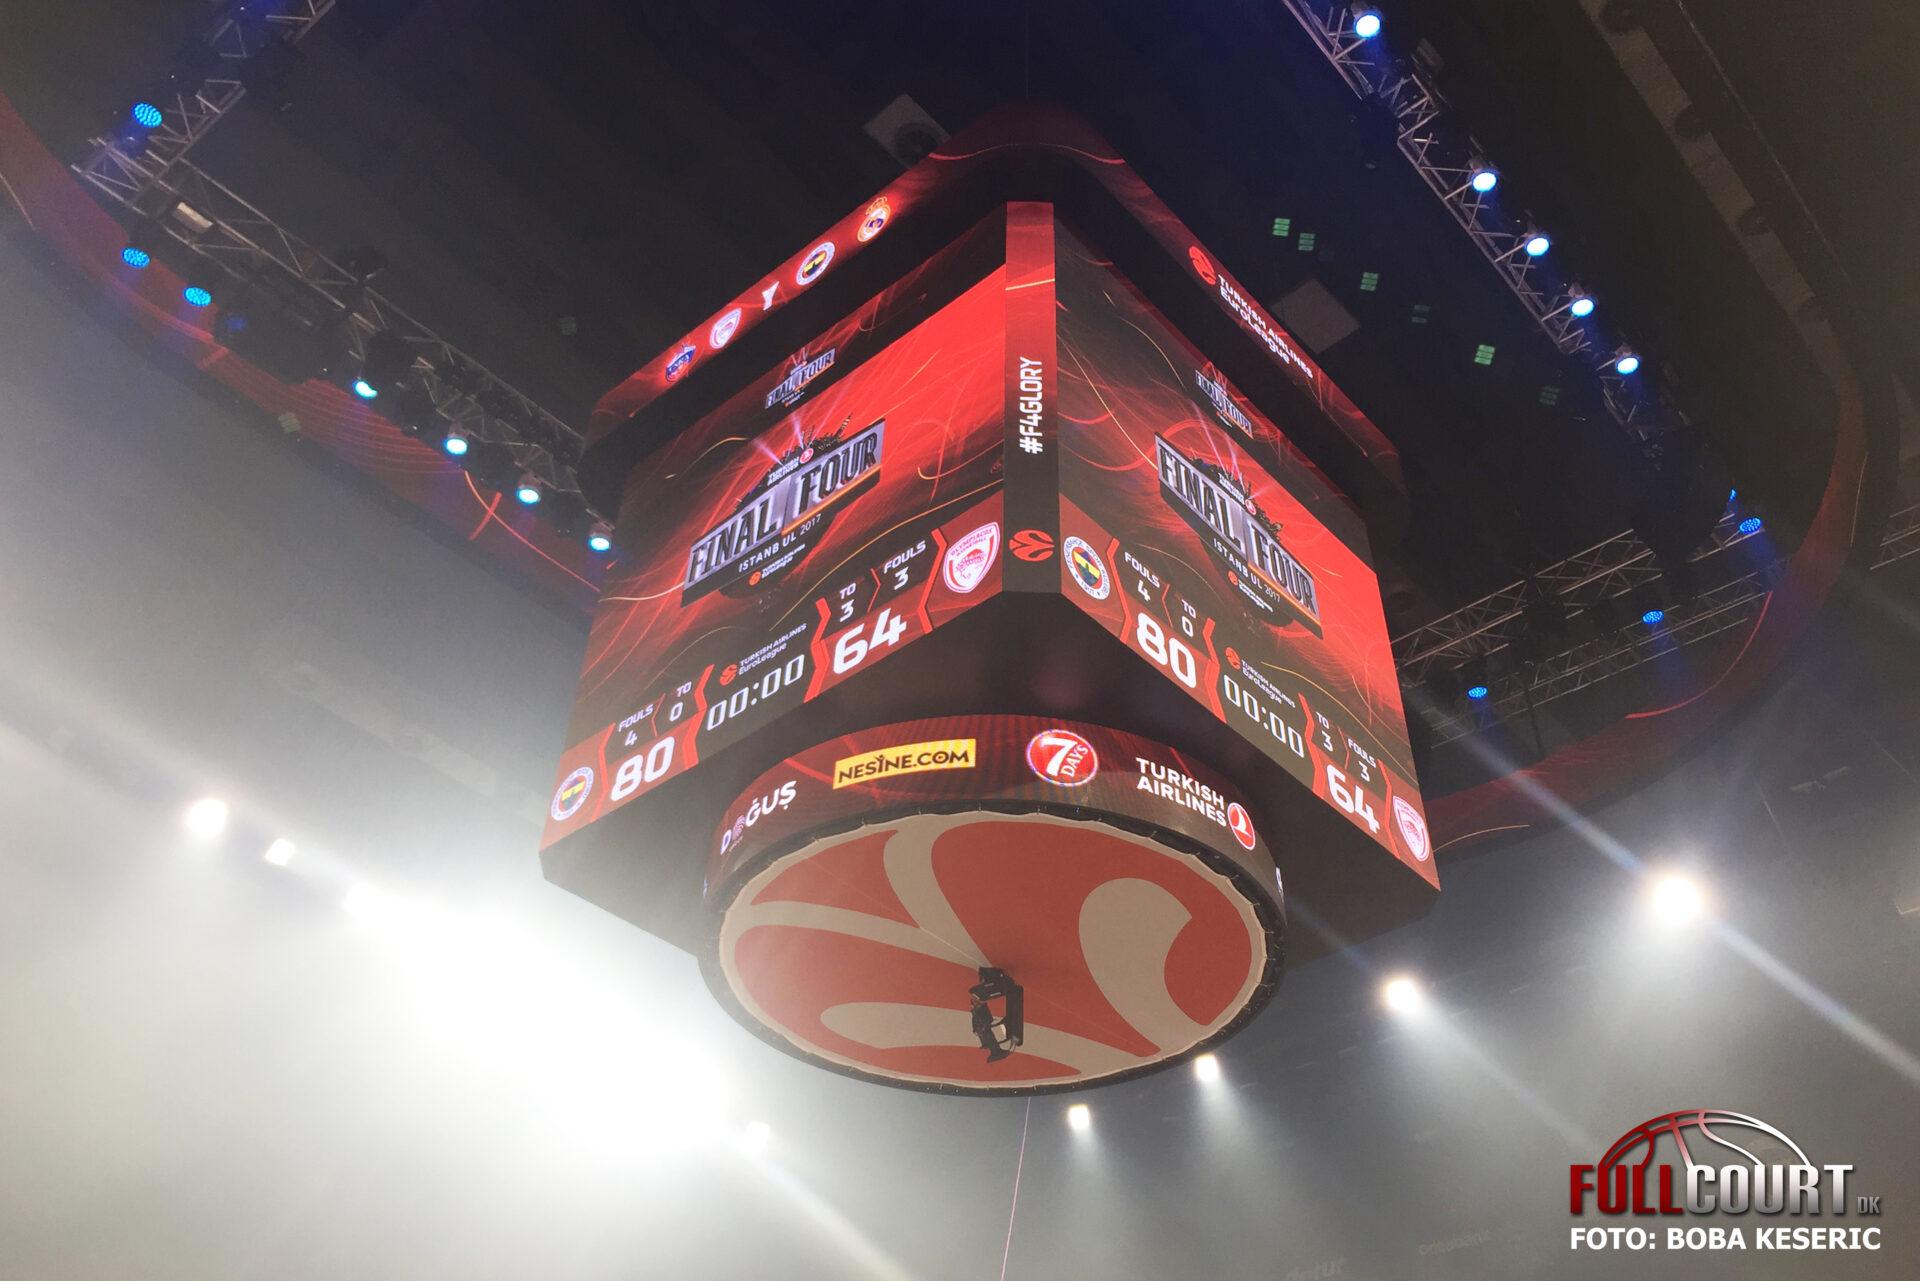 Det endelige resultat mellem Fenerbahce og Olympiacos i finalen i EuroLeague ved Final Four 2017 i Istanbul.